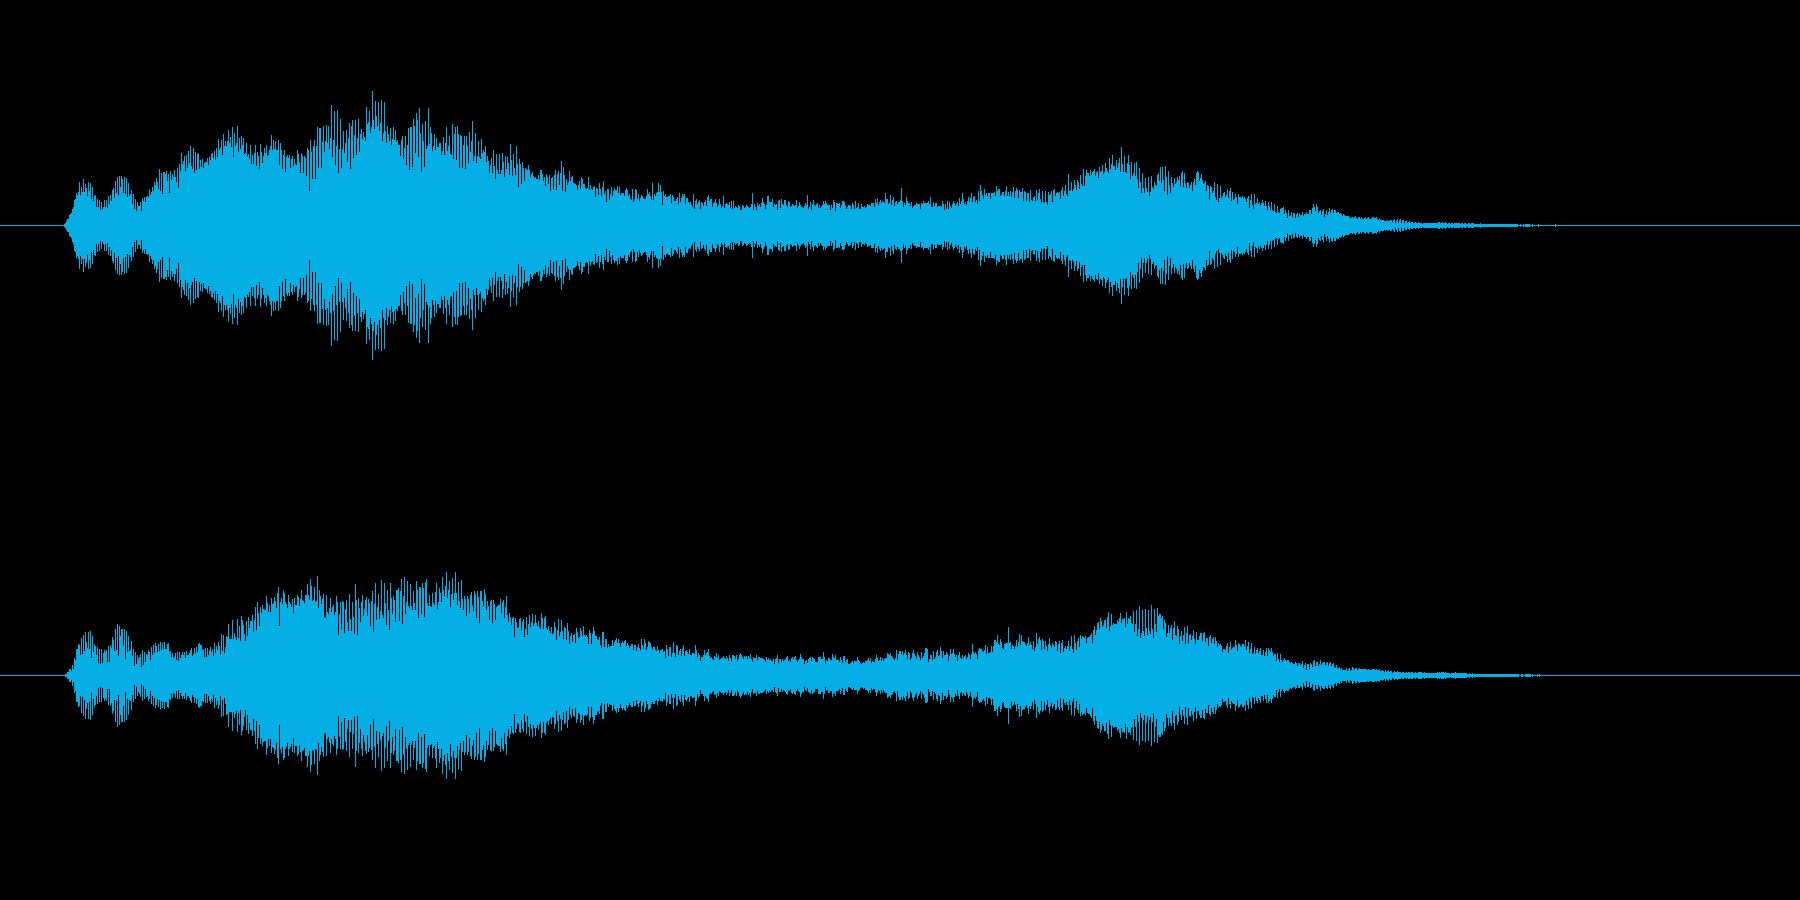 ヴィブラフォン、アンビエント系ジングルの再生済みの波形